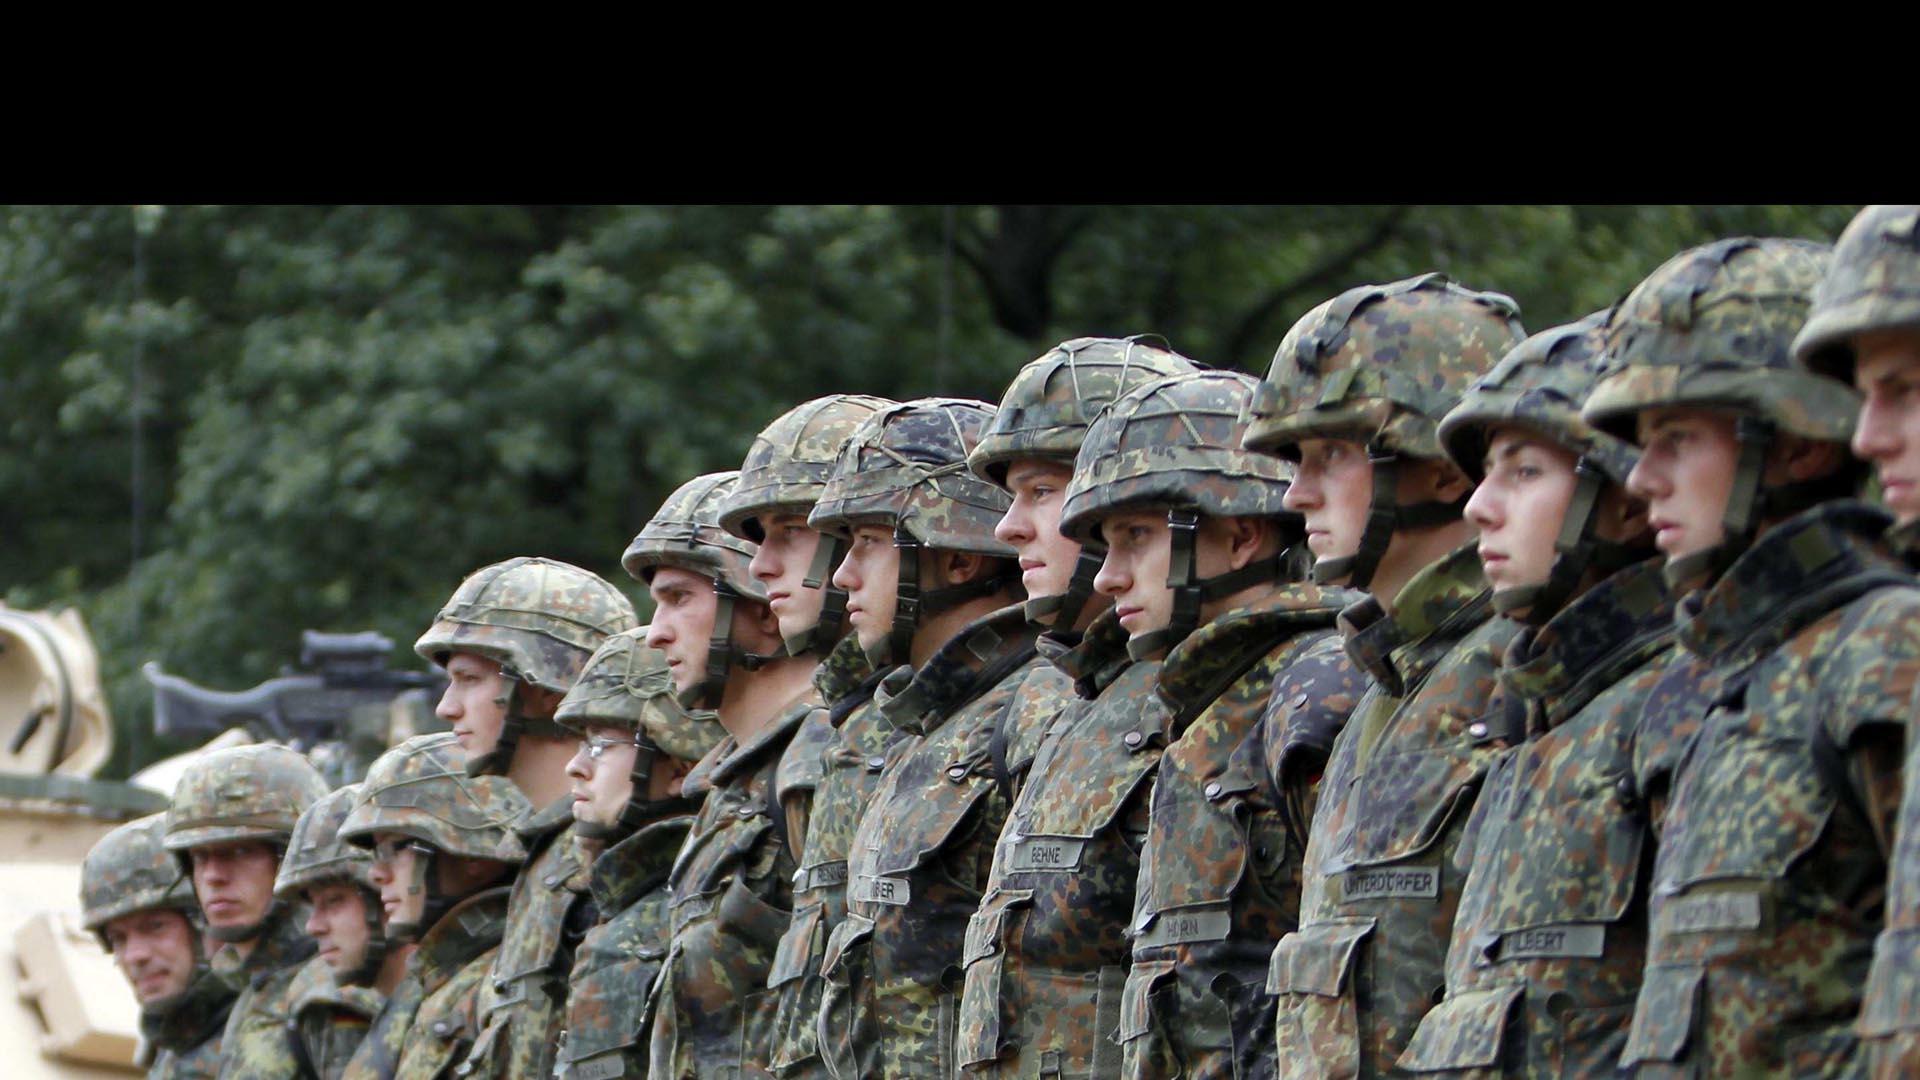 650 soldados serán enviados para garantizar seguridad en el país africano y luchar contra el EI